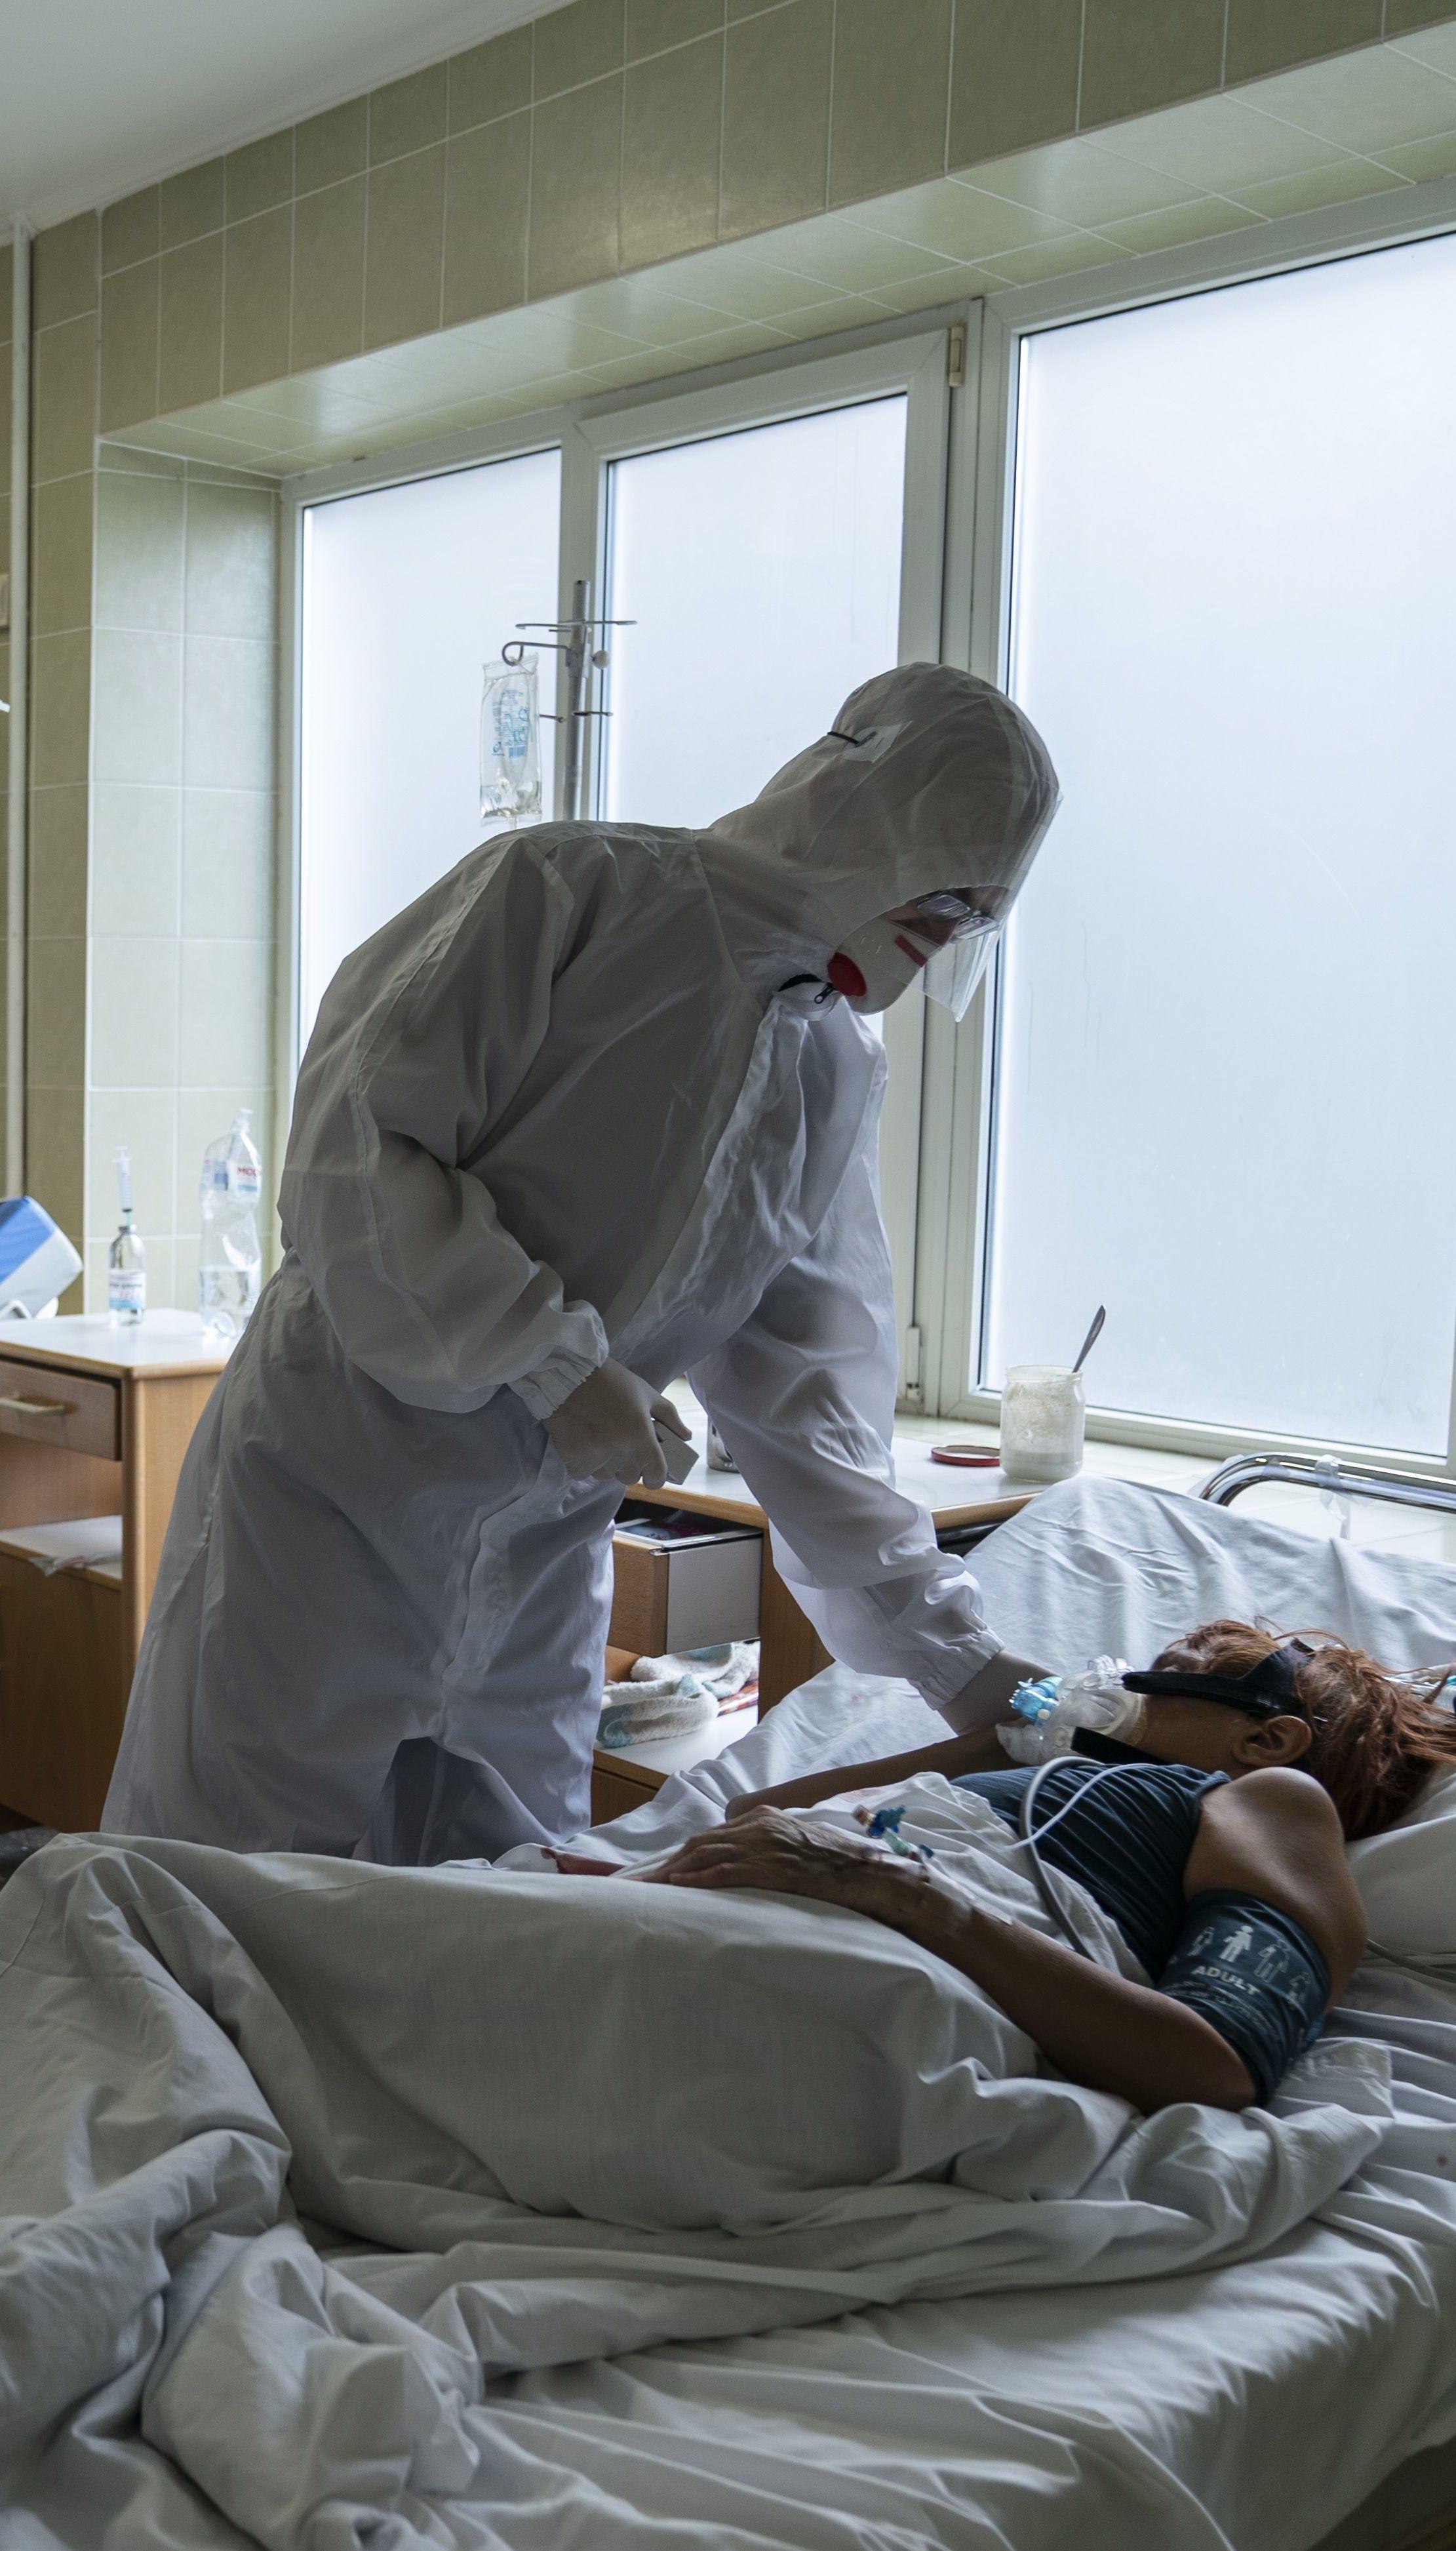 Стало погано на парі: у Львові рятують студентку, яка через коронавірус перебуває у штучній комі